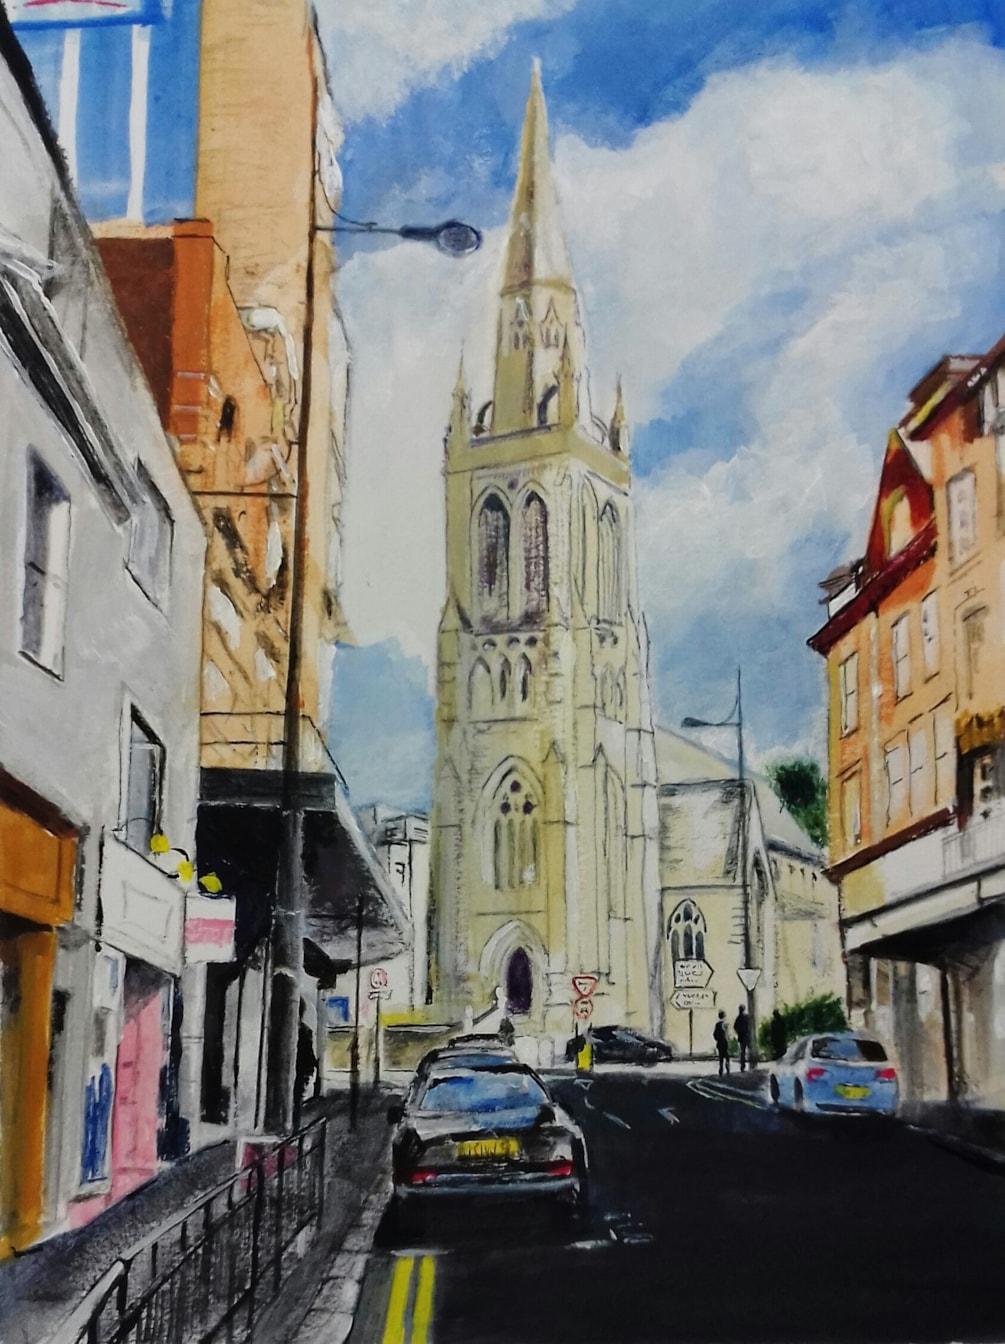 A church in Bournemouth